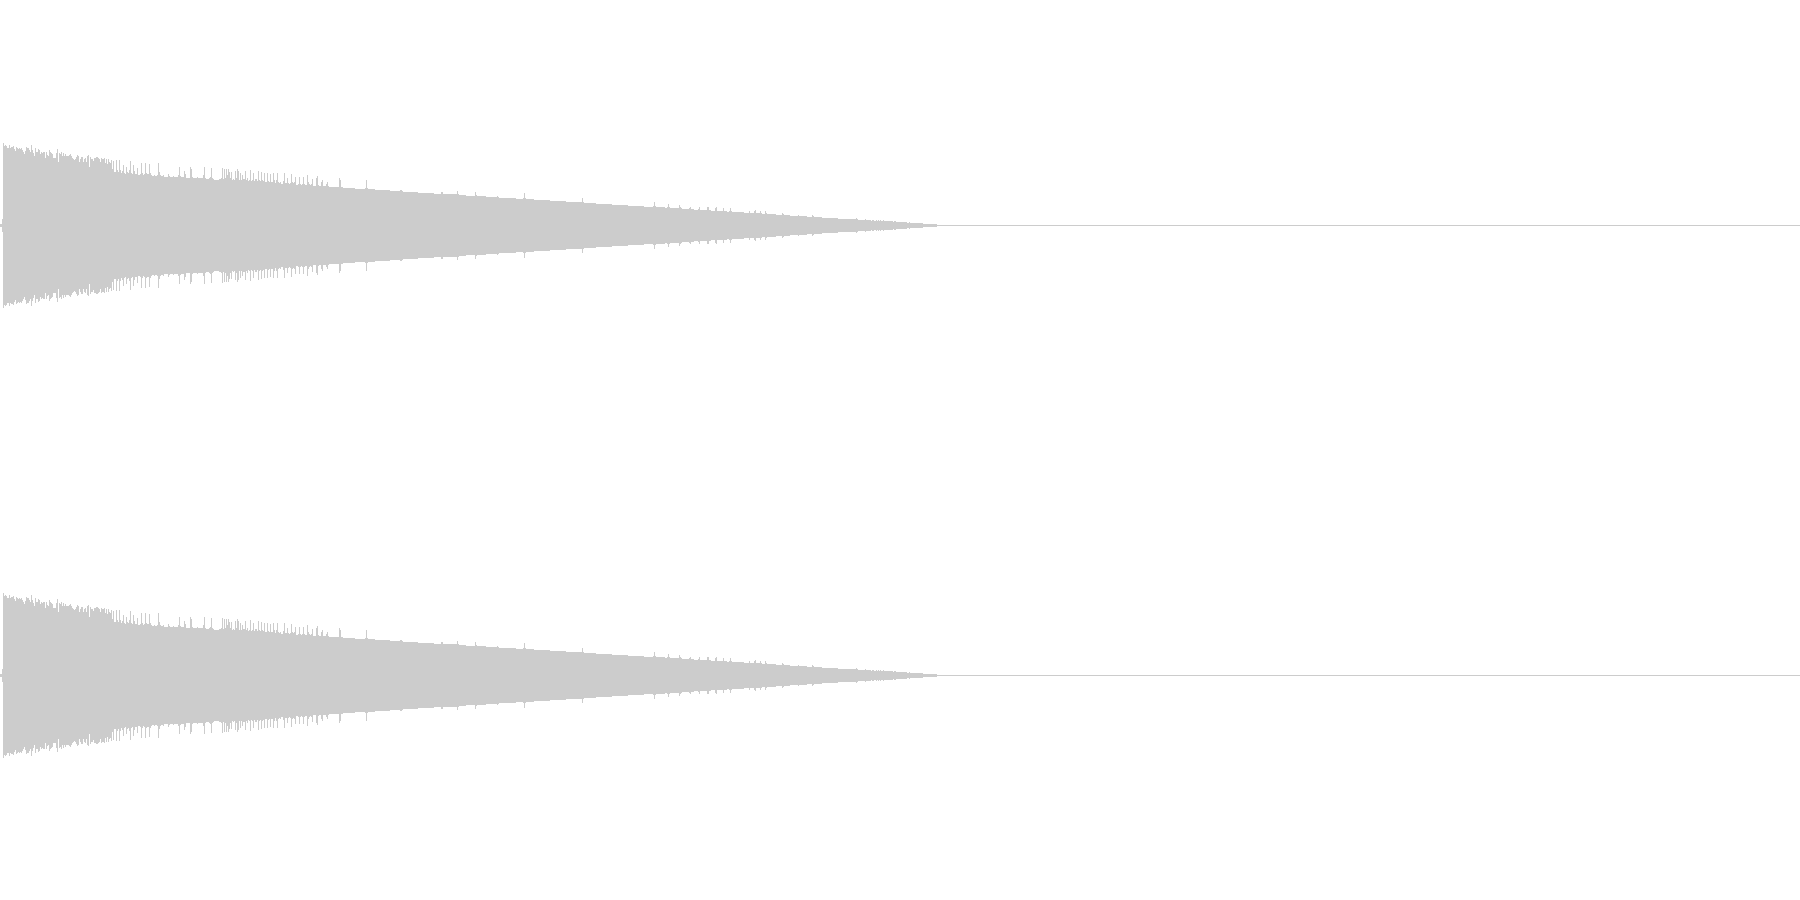 レトロゲーム風爆発音2の未再生の波形